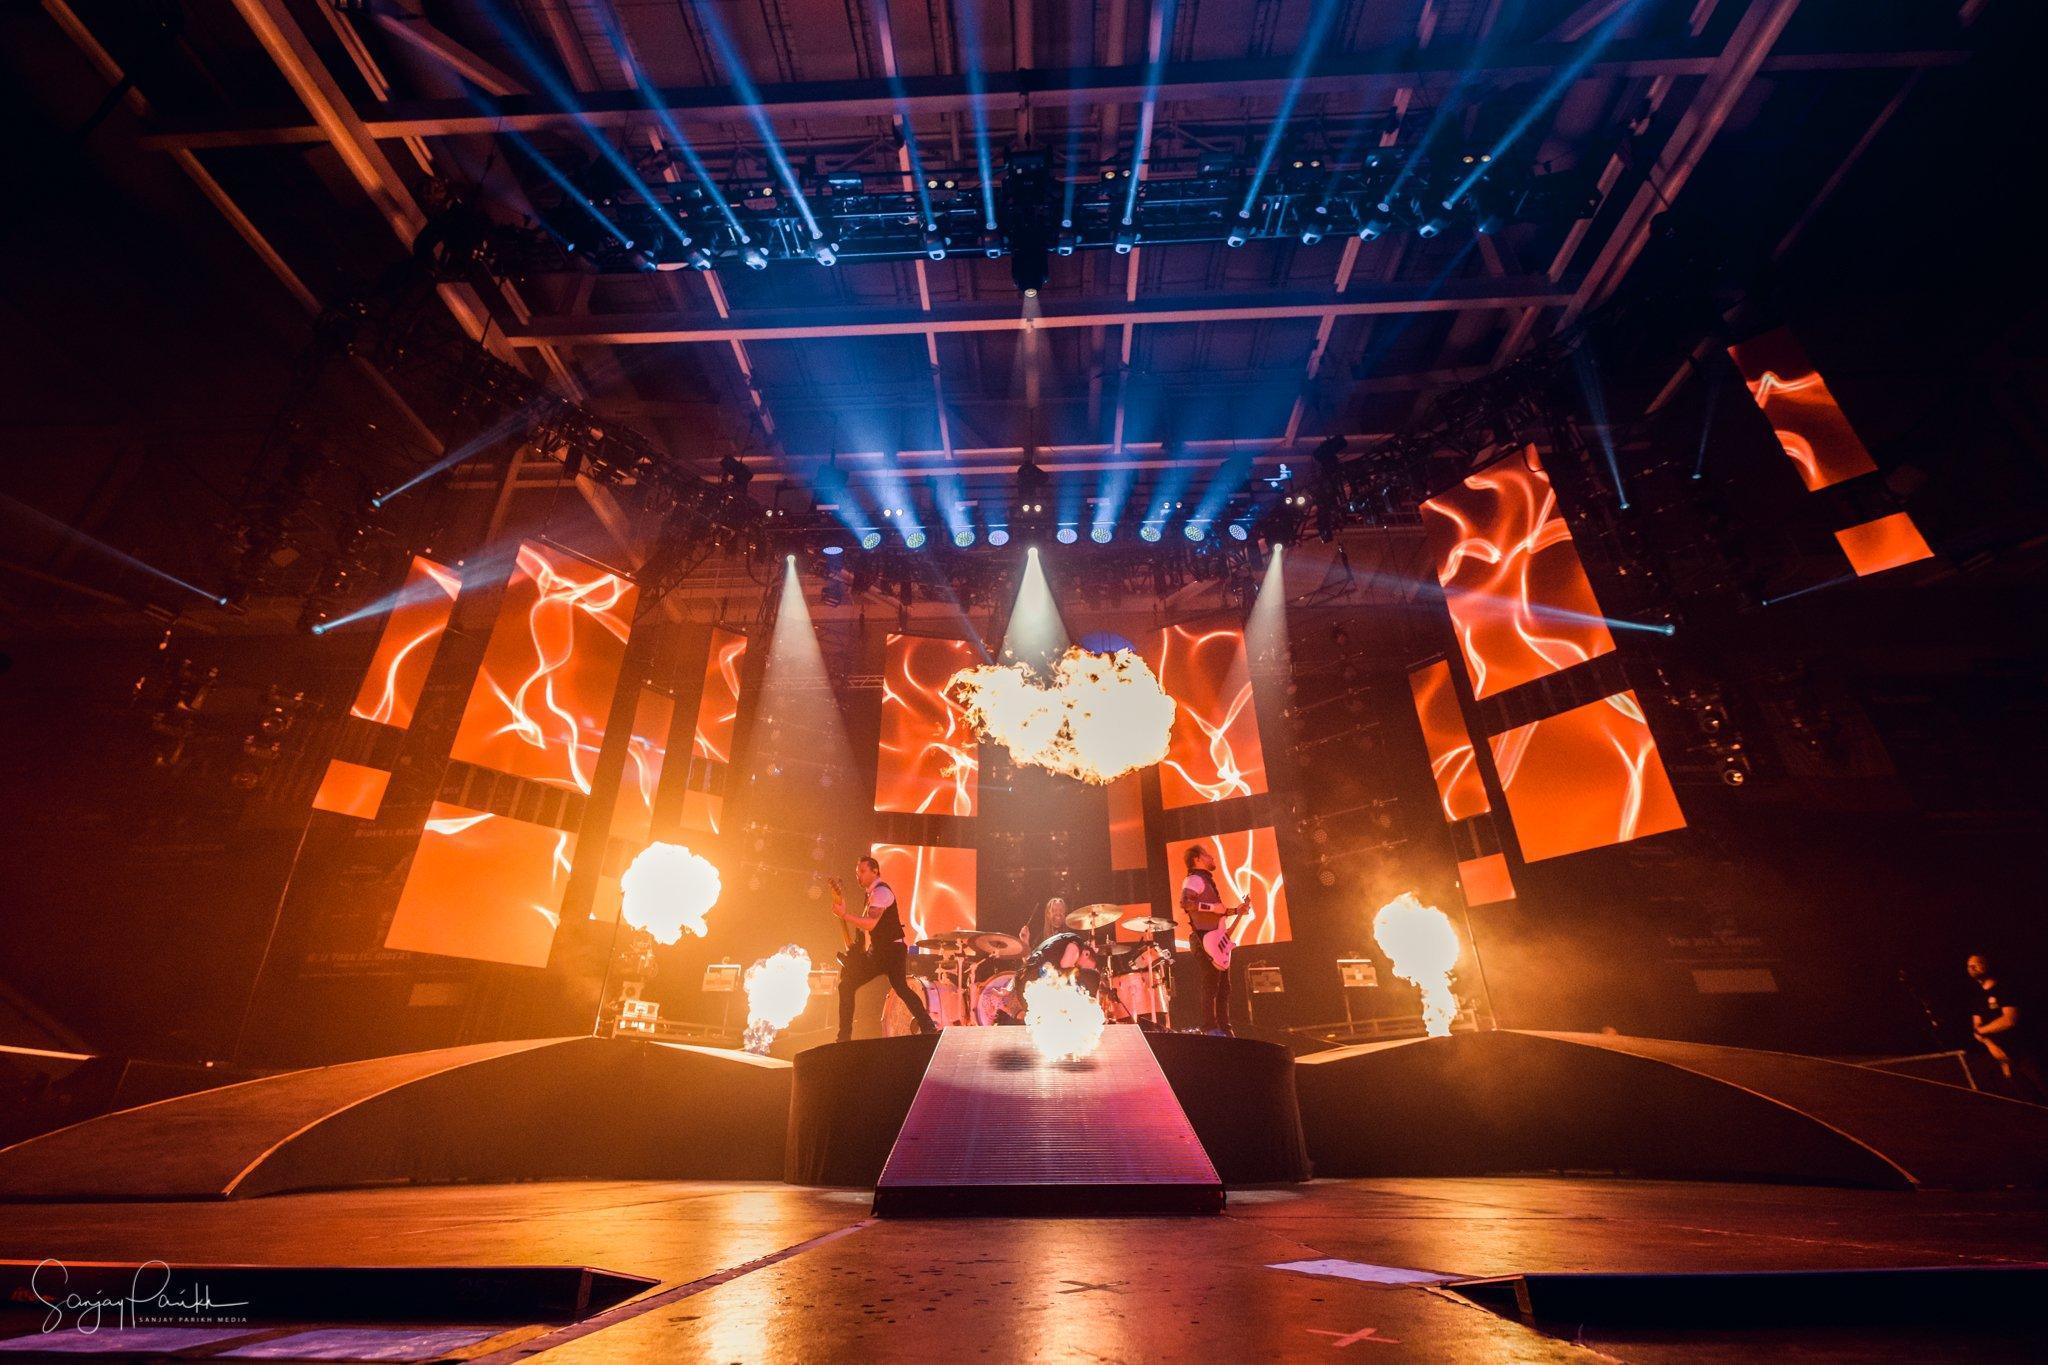 Shinedown-SanjayParikh-2.jpg